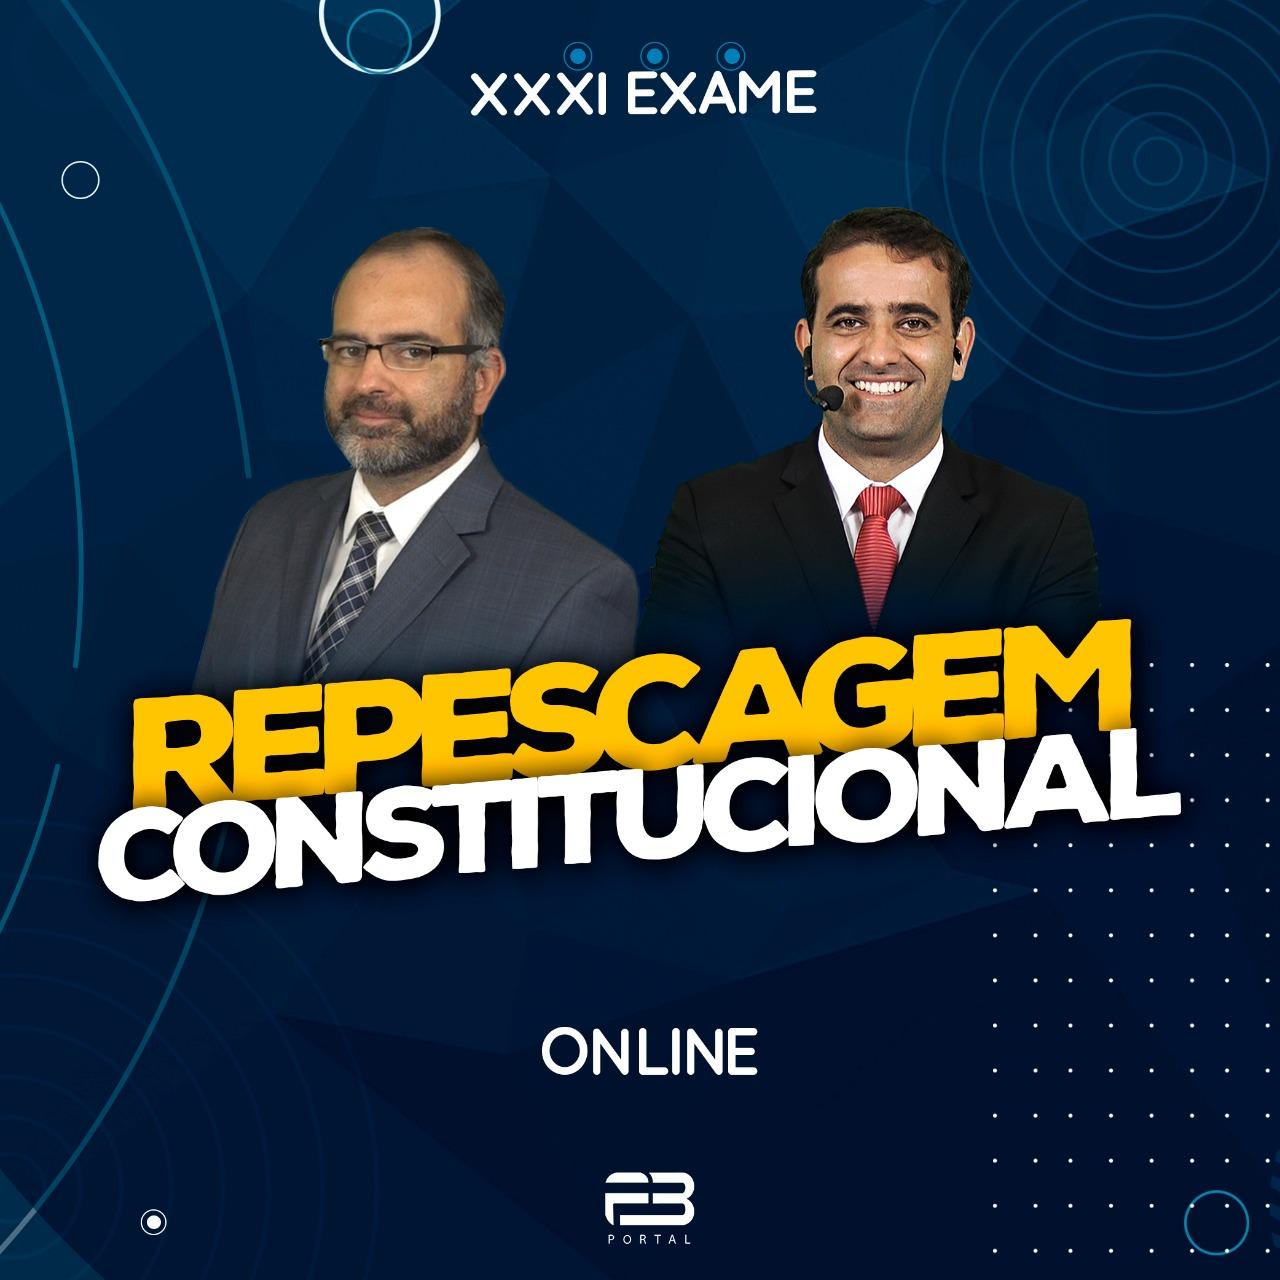 2ª FASE REPESCAGEM CONSTITUCIONAL - XXXI EXAME ONLINE